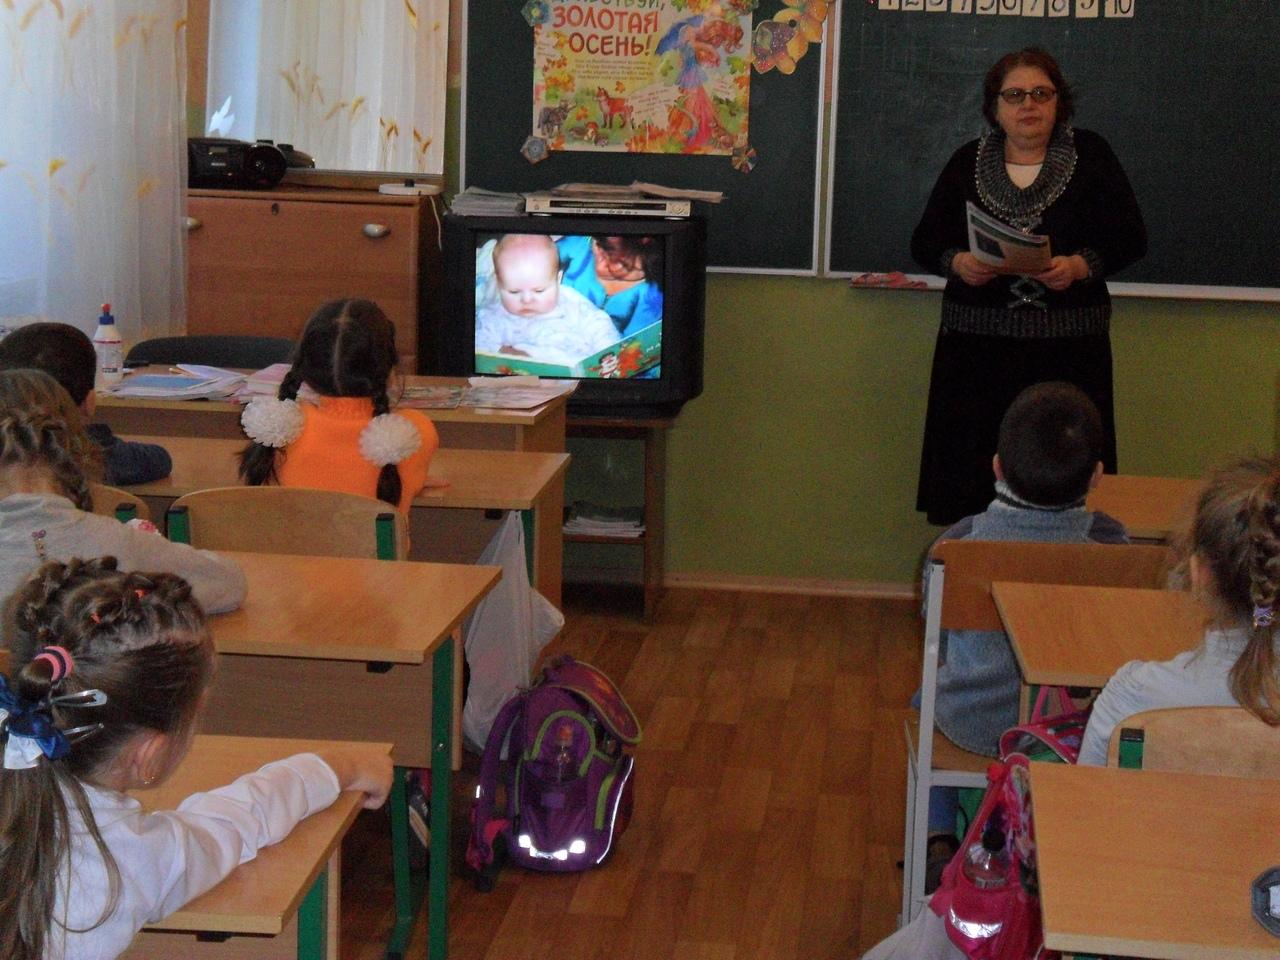 день пожилого человека, занятия с детьми, отдел искусств, донецкая республиканская библиотека для детей